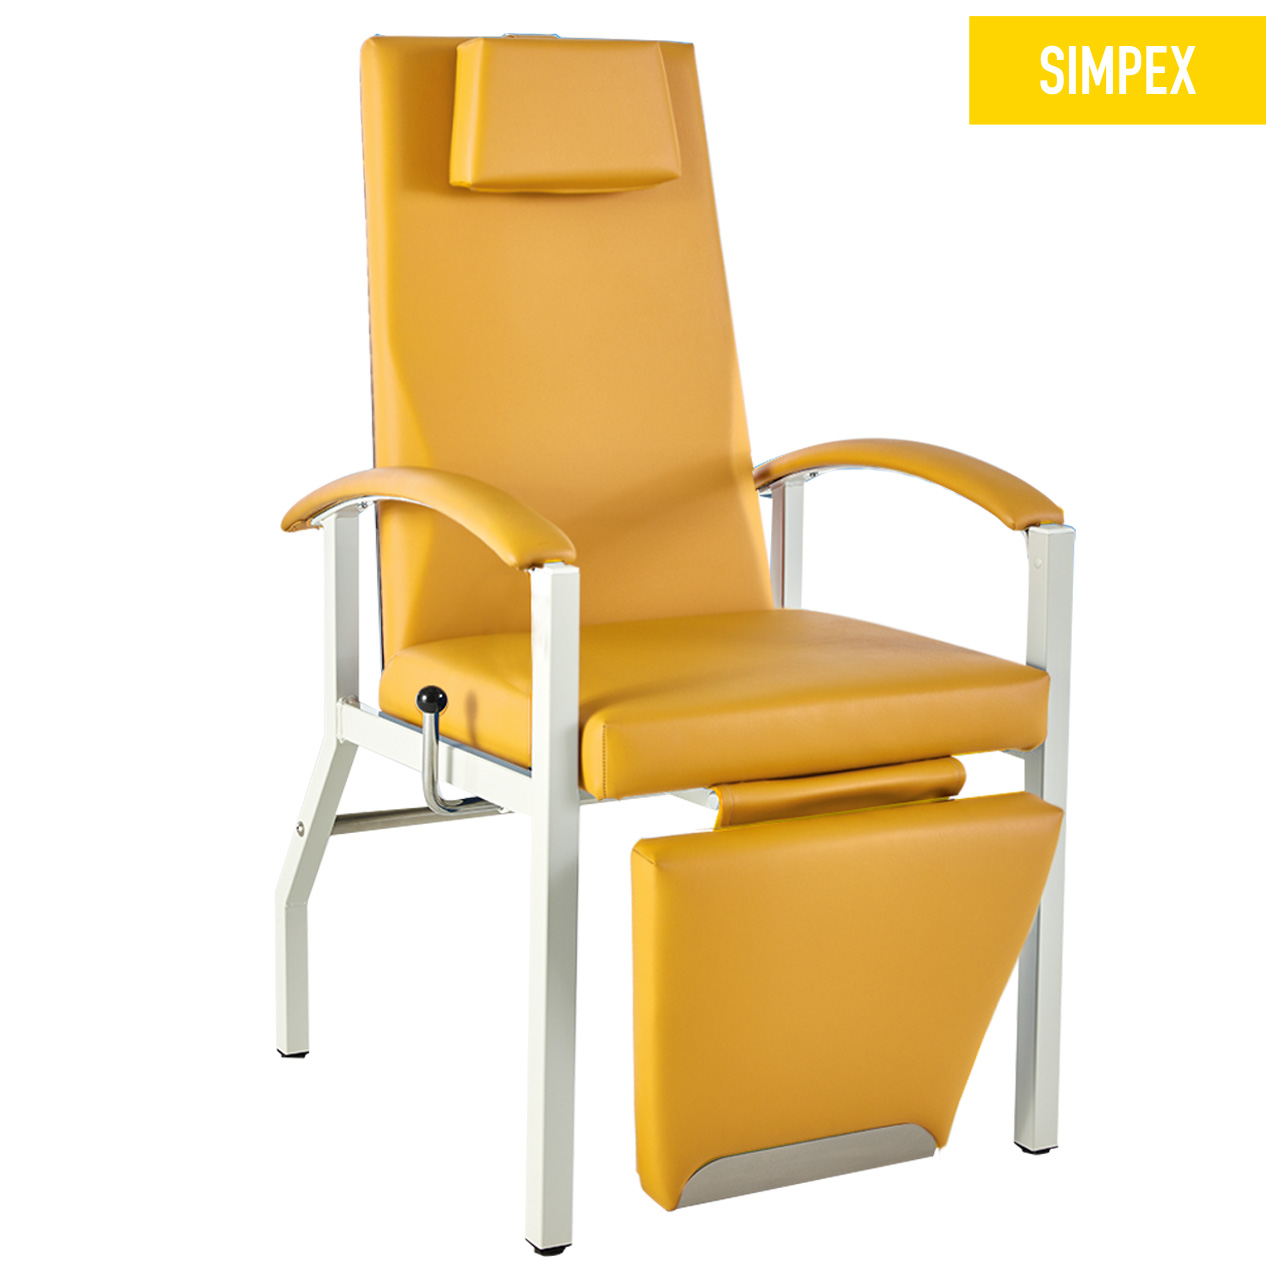 Blutentnahmestuhl Liegesessel HAEMO-FLEXA Arcus mit Kunstleder in gelb (mais) und einem Gestell aus Stahl grauweiß gepulvert von SIMPEX